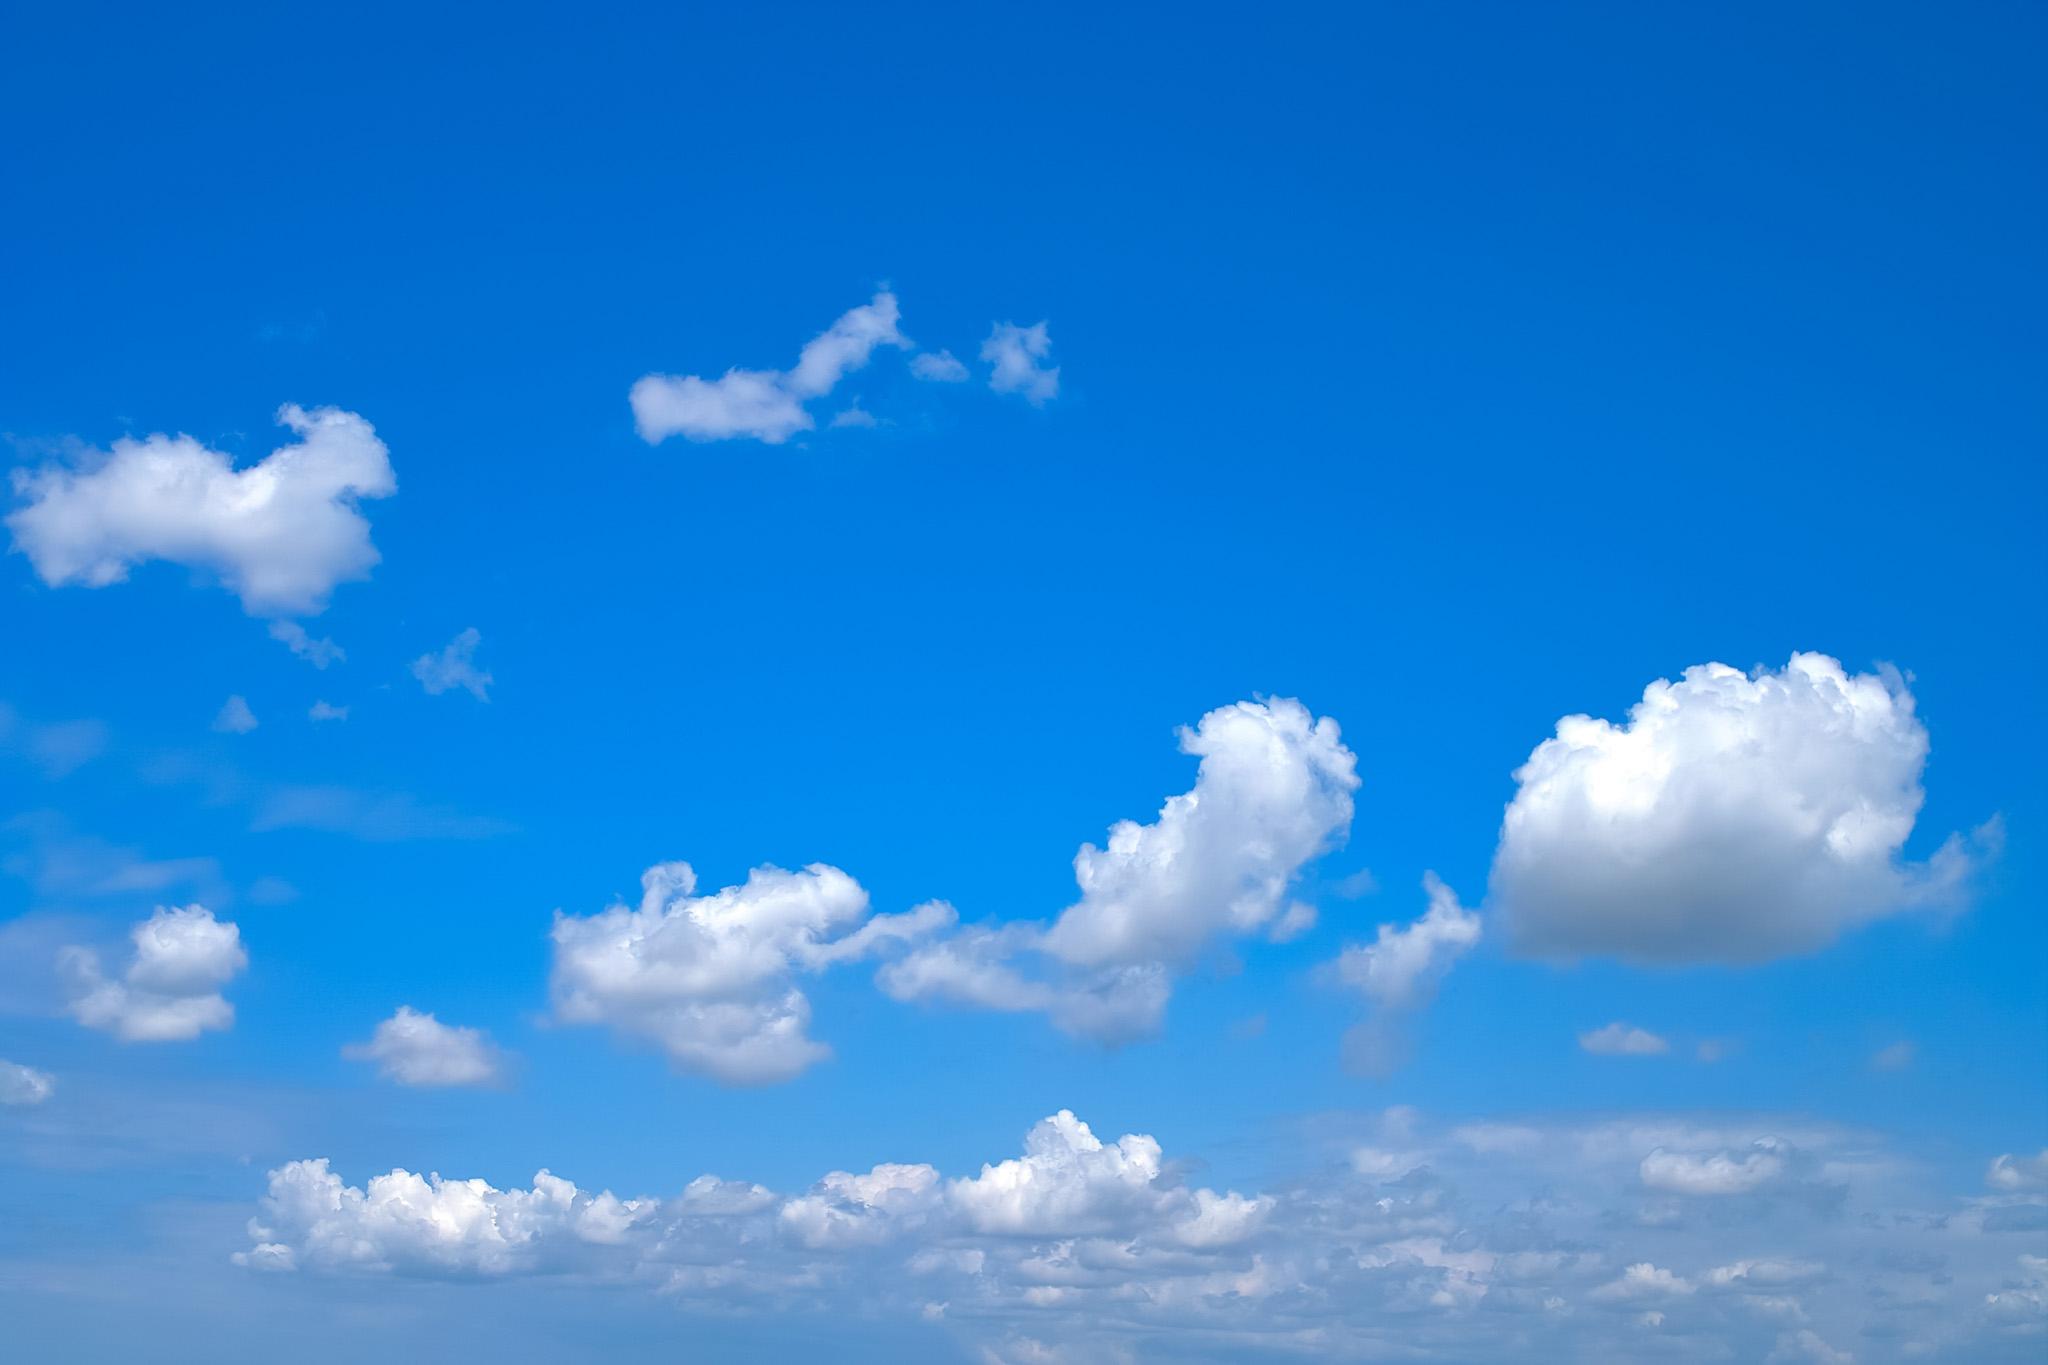 「ポツポツと雲が流れる青空」